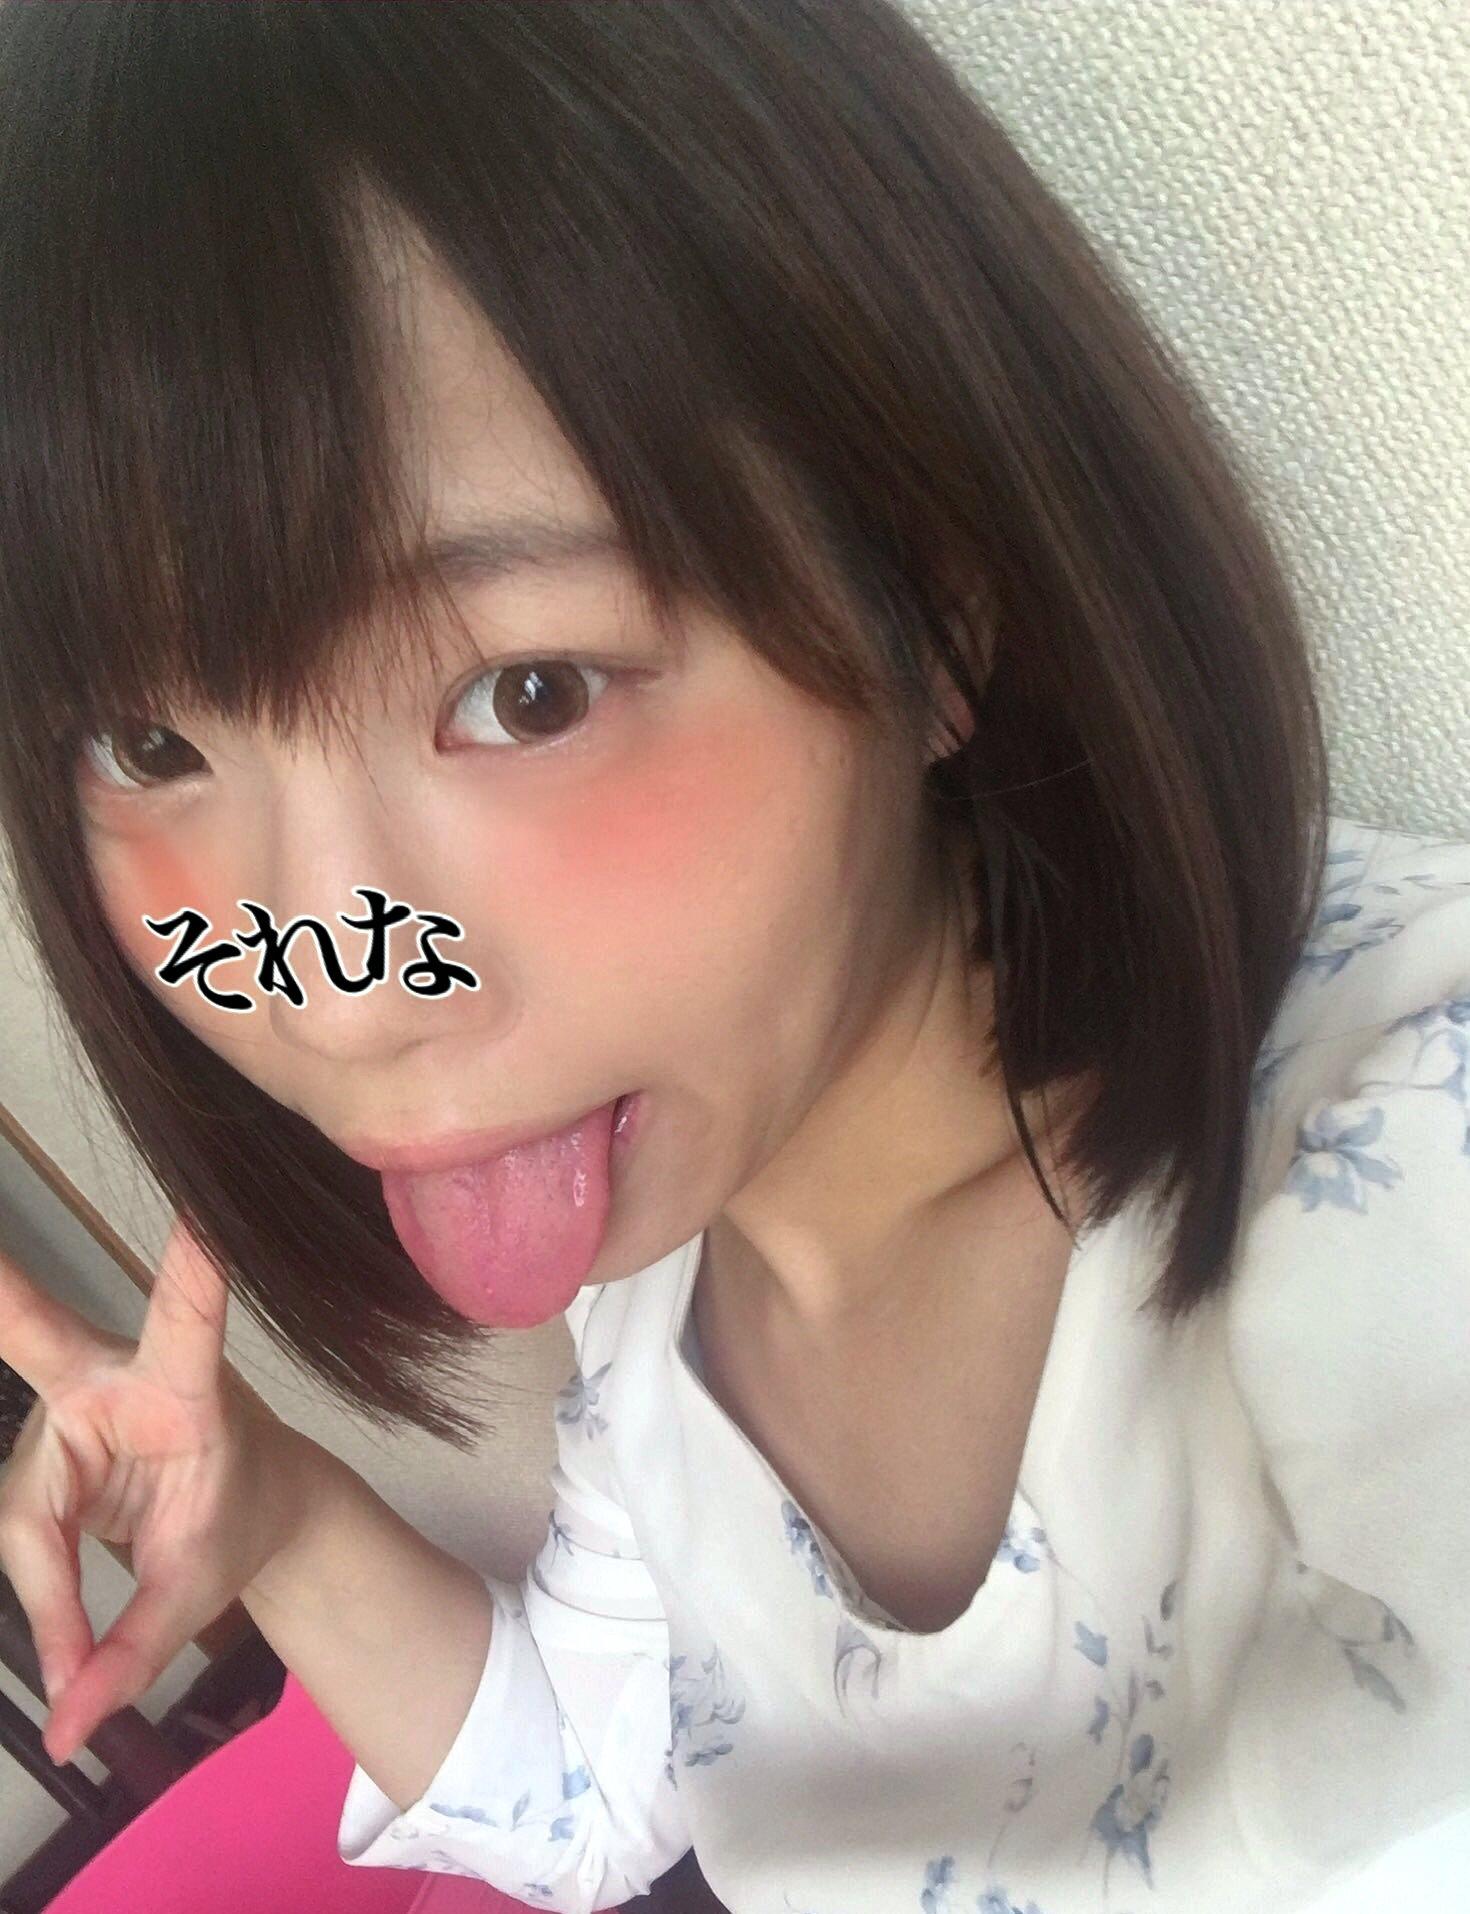 苫小牧デリ嬢の長デカ舌 (9)